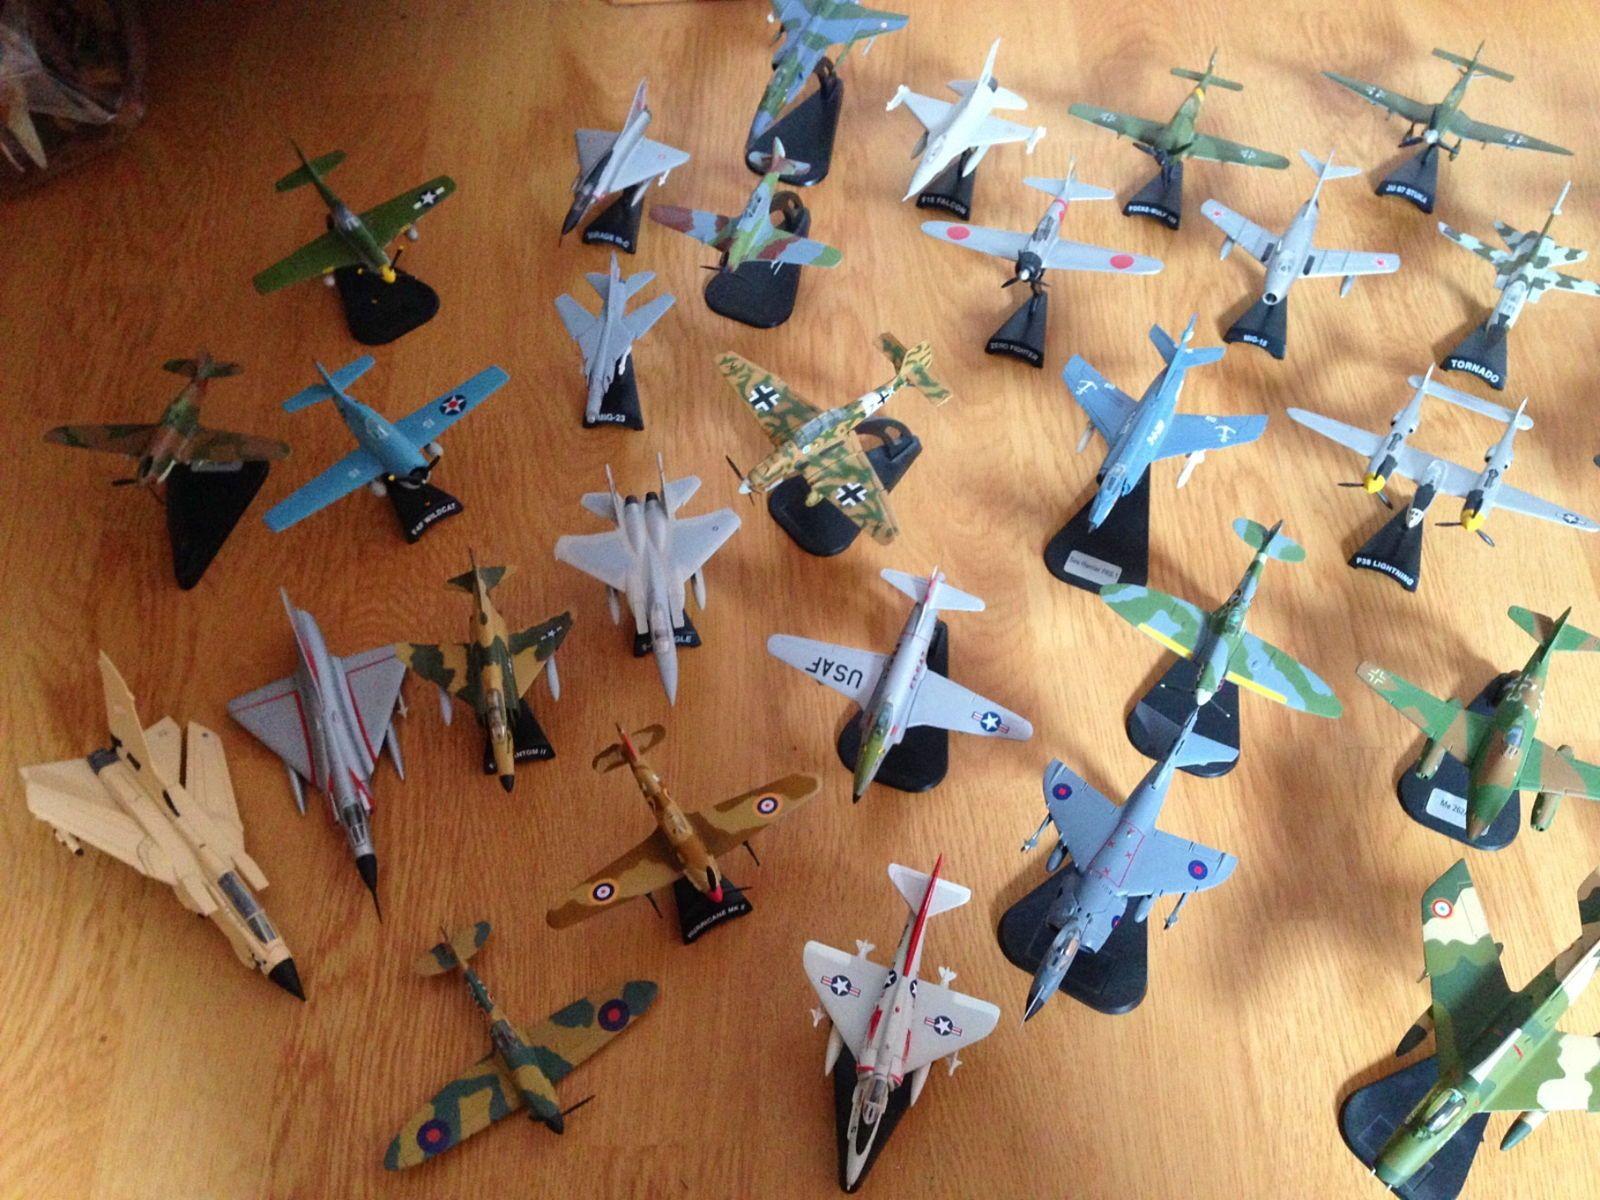 Vends collection de petits avions